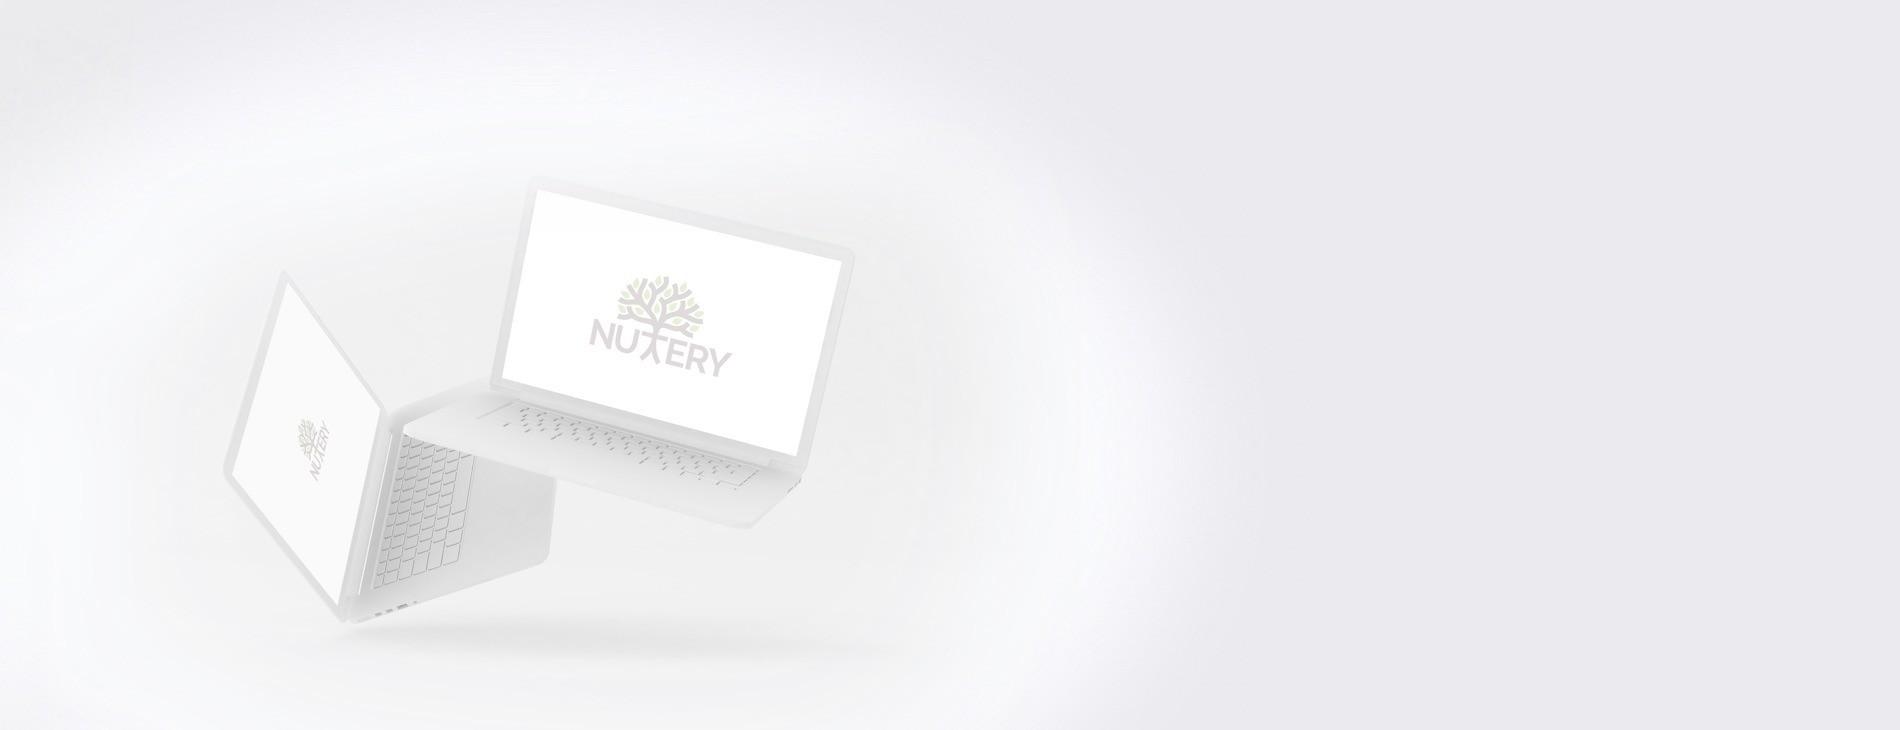 We are Digital Agency